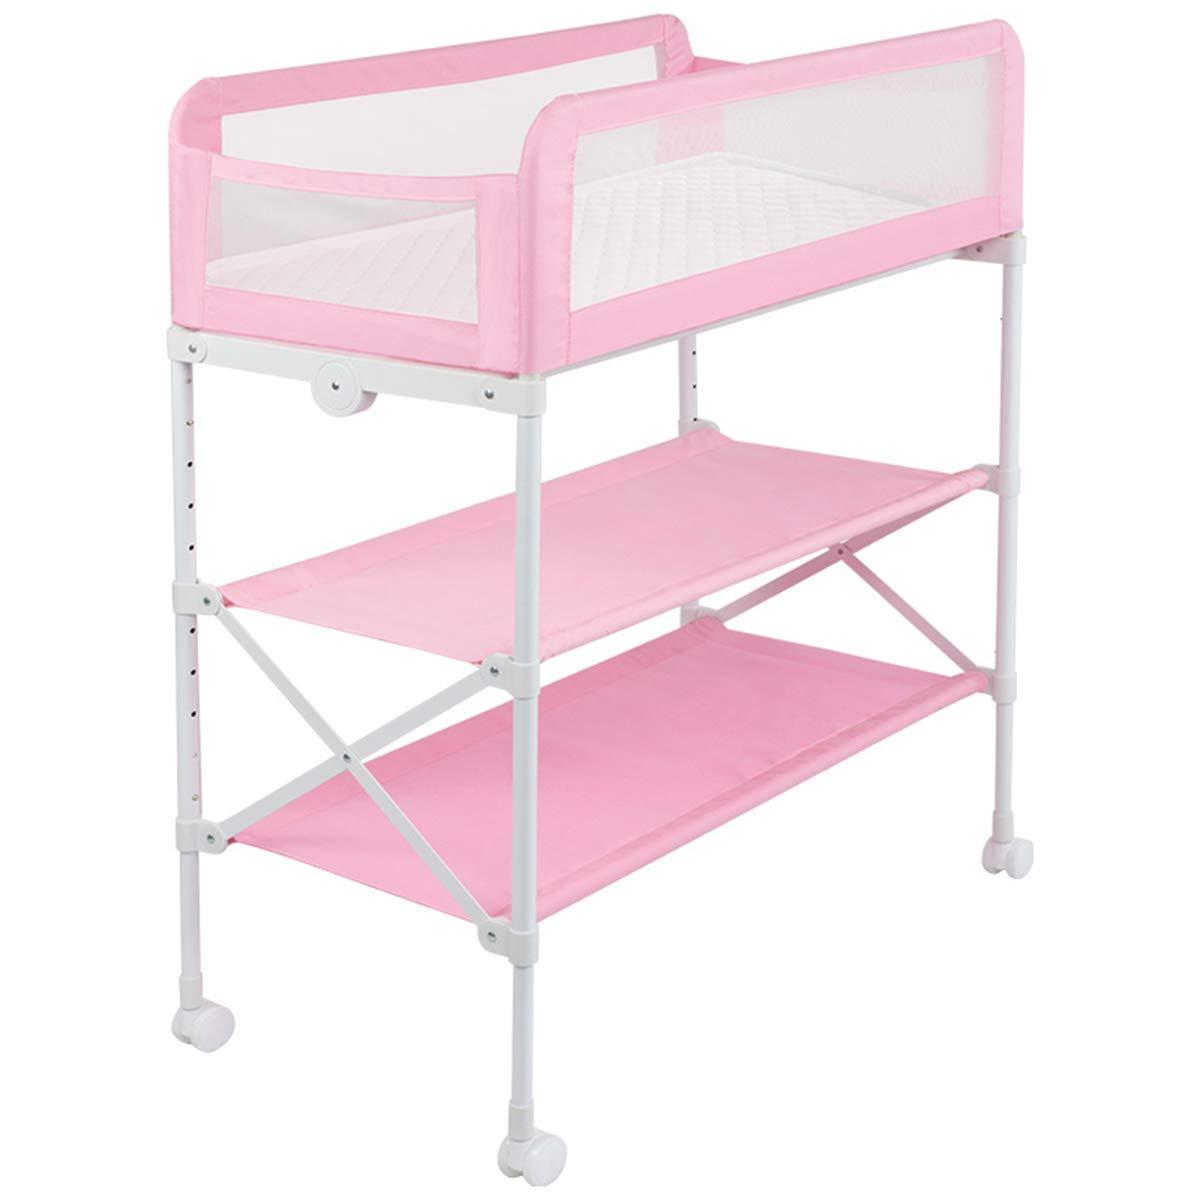 赤ちゃんのおむつ交換テーブル、新生児折り畳み看護テーブル、多機能調節可能な高さのバスマッサージの看護テーブル、アンチ吹きミルクのベビーベッド、高齢化の子供用ベッドガードレール  Pink B07KGN3DKF